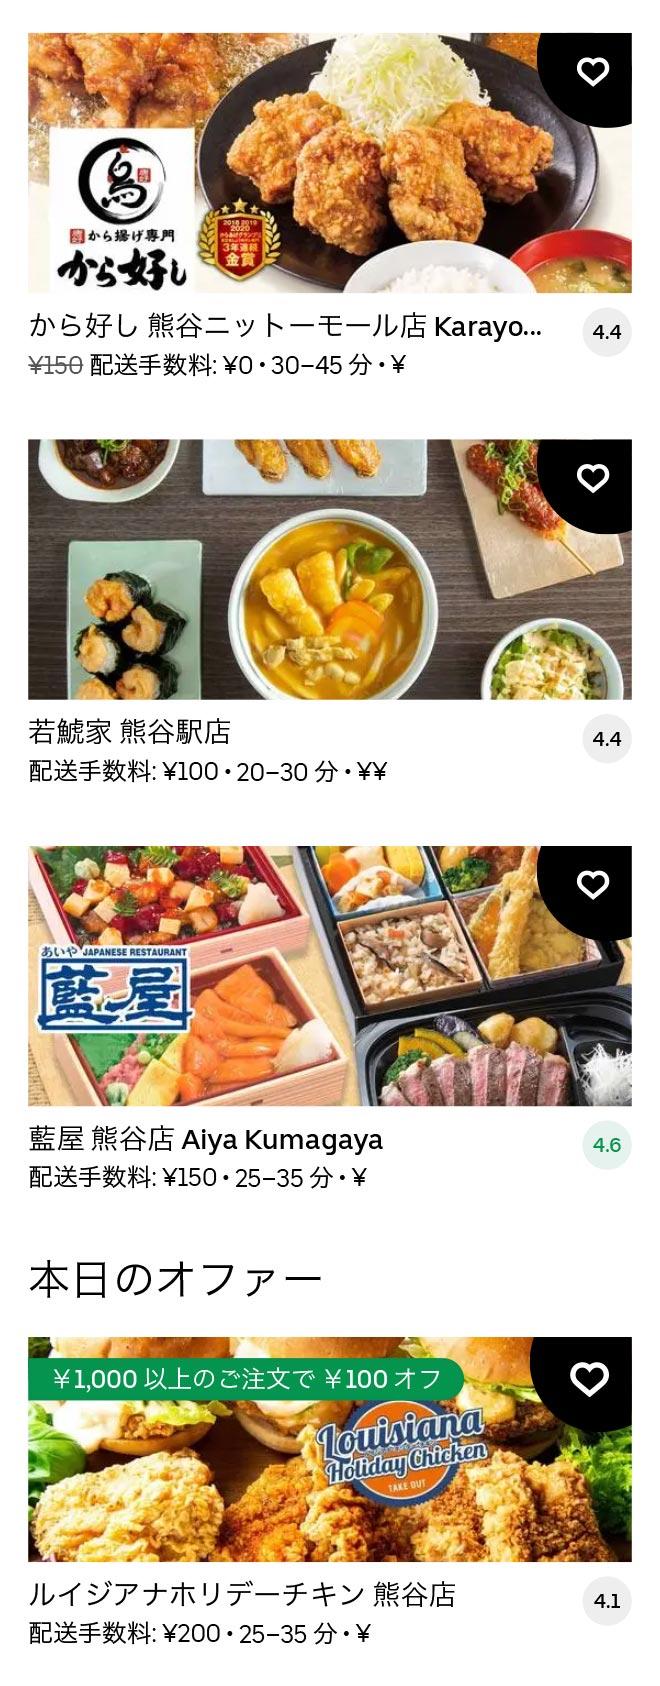 Kumagaya menu 2101 07